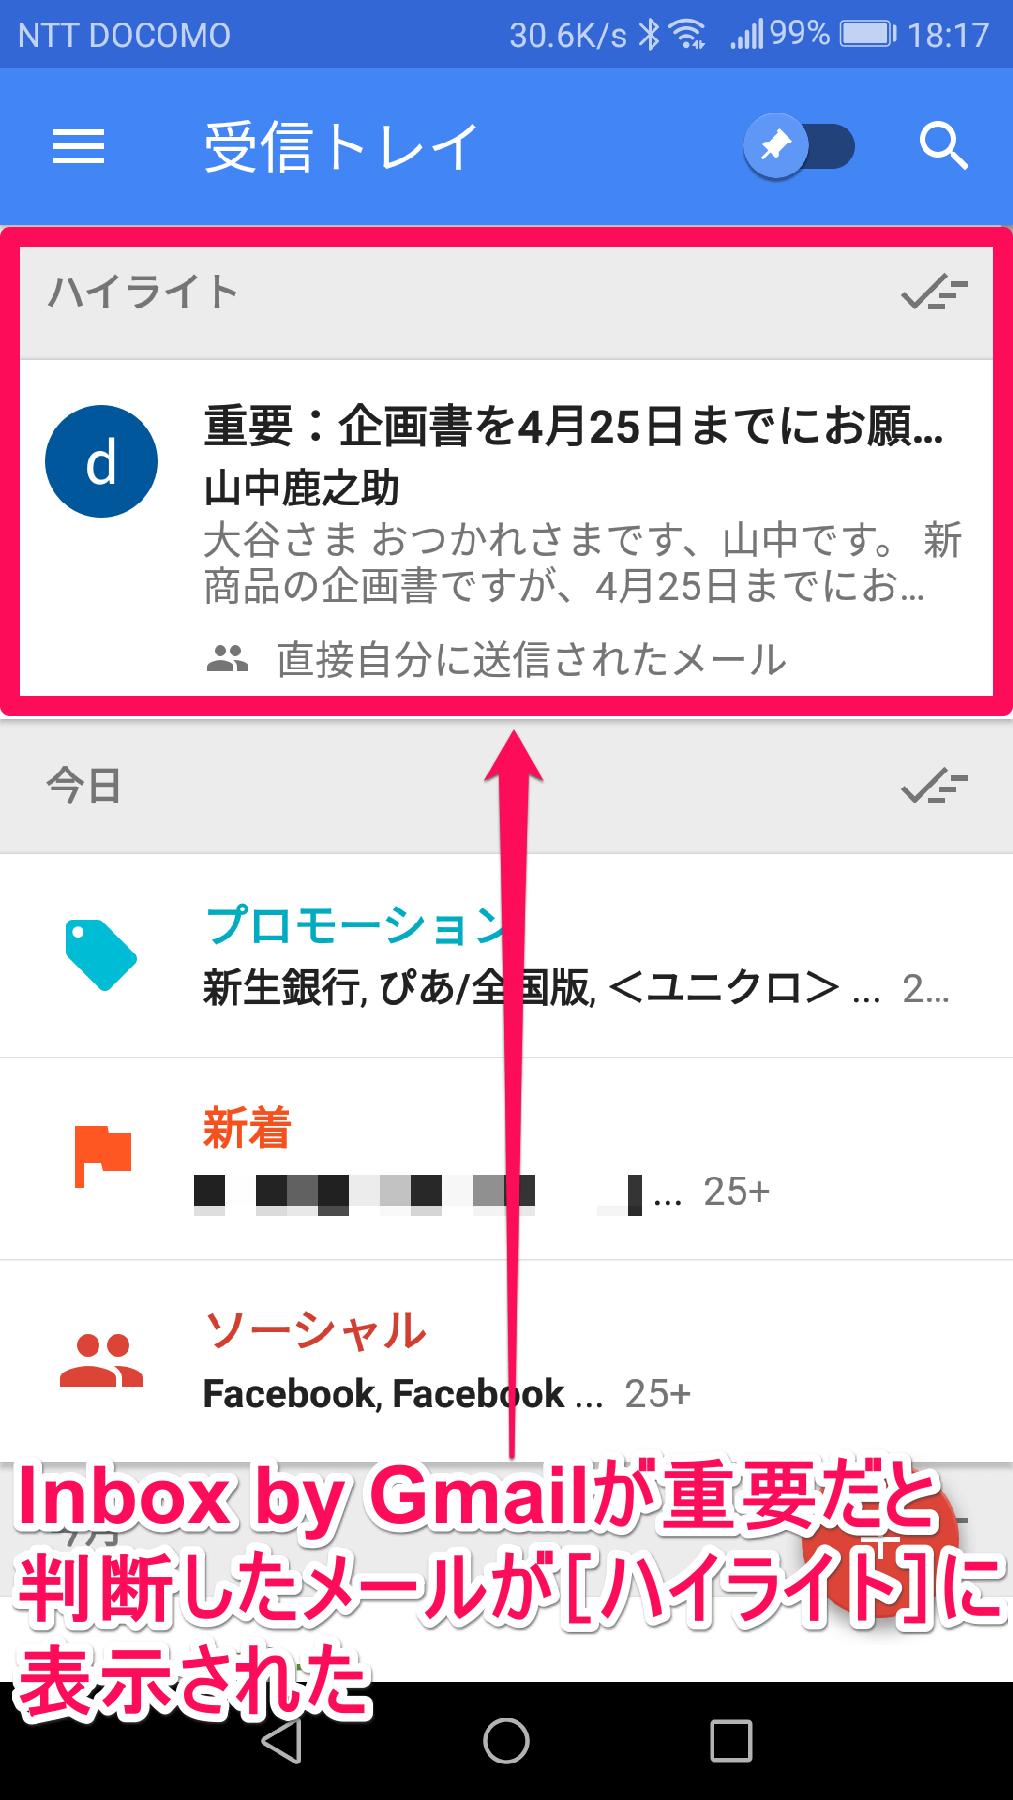 Inbox by Gmail(インボックス、ジーメール)のメイン画面